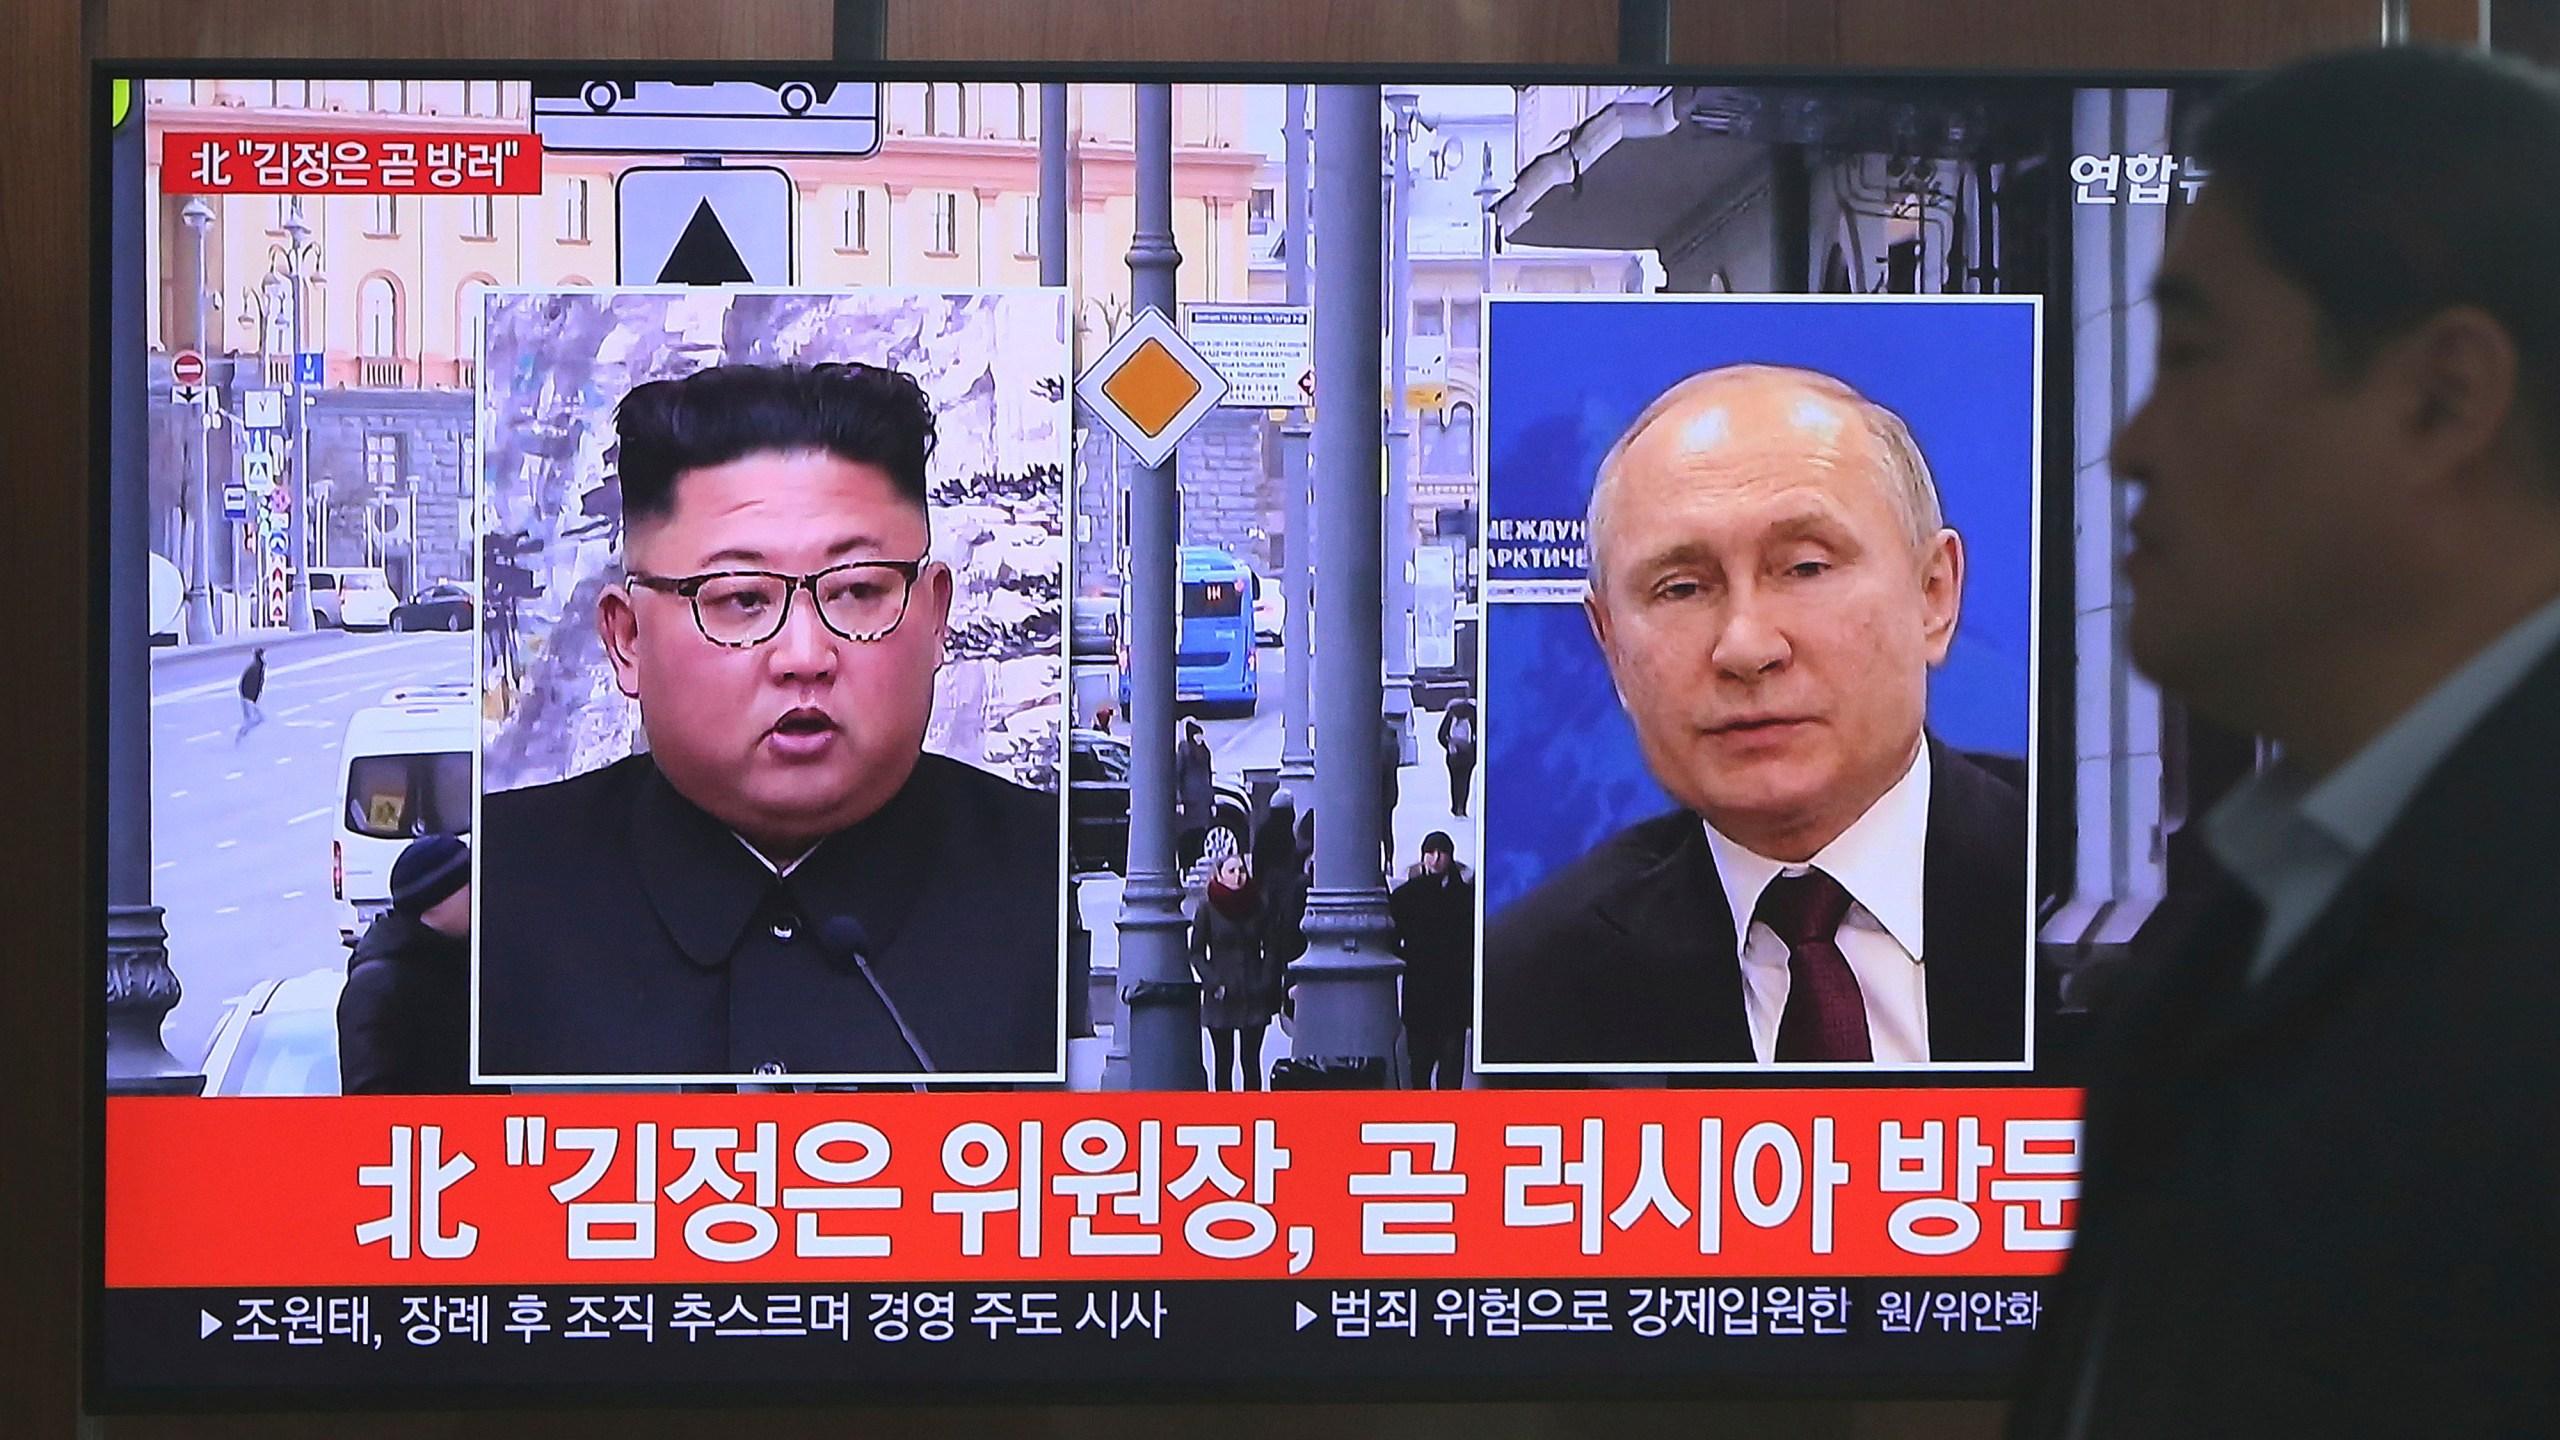 South Korea North Korea Russia Meeting_1556003359269